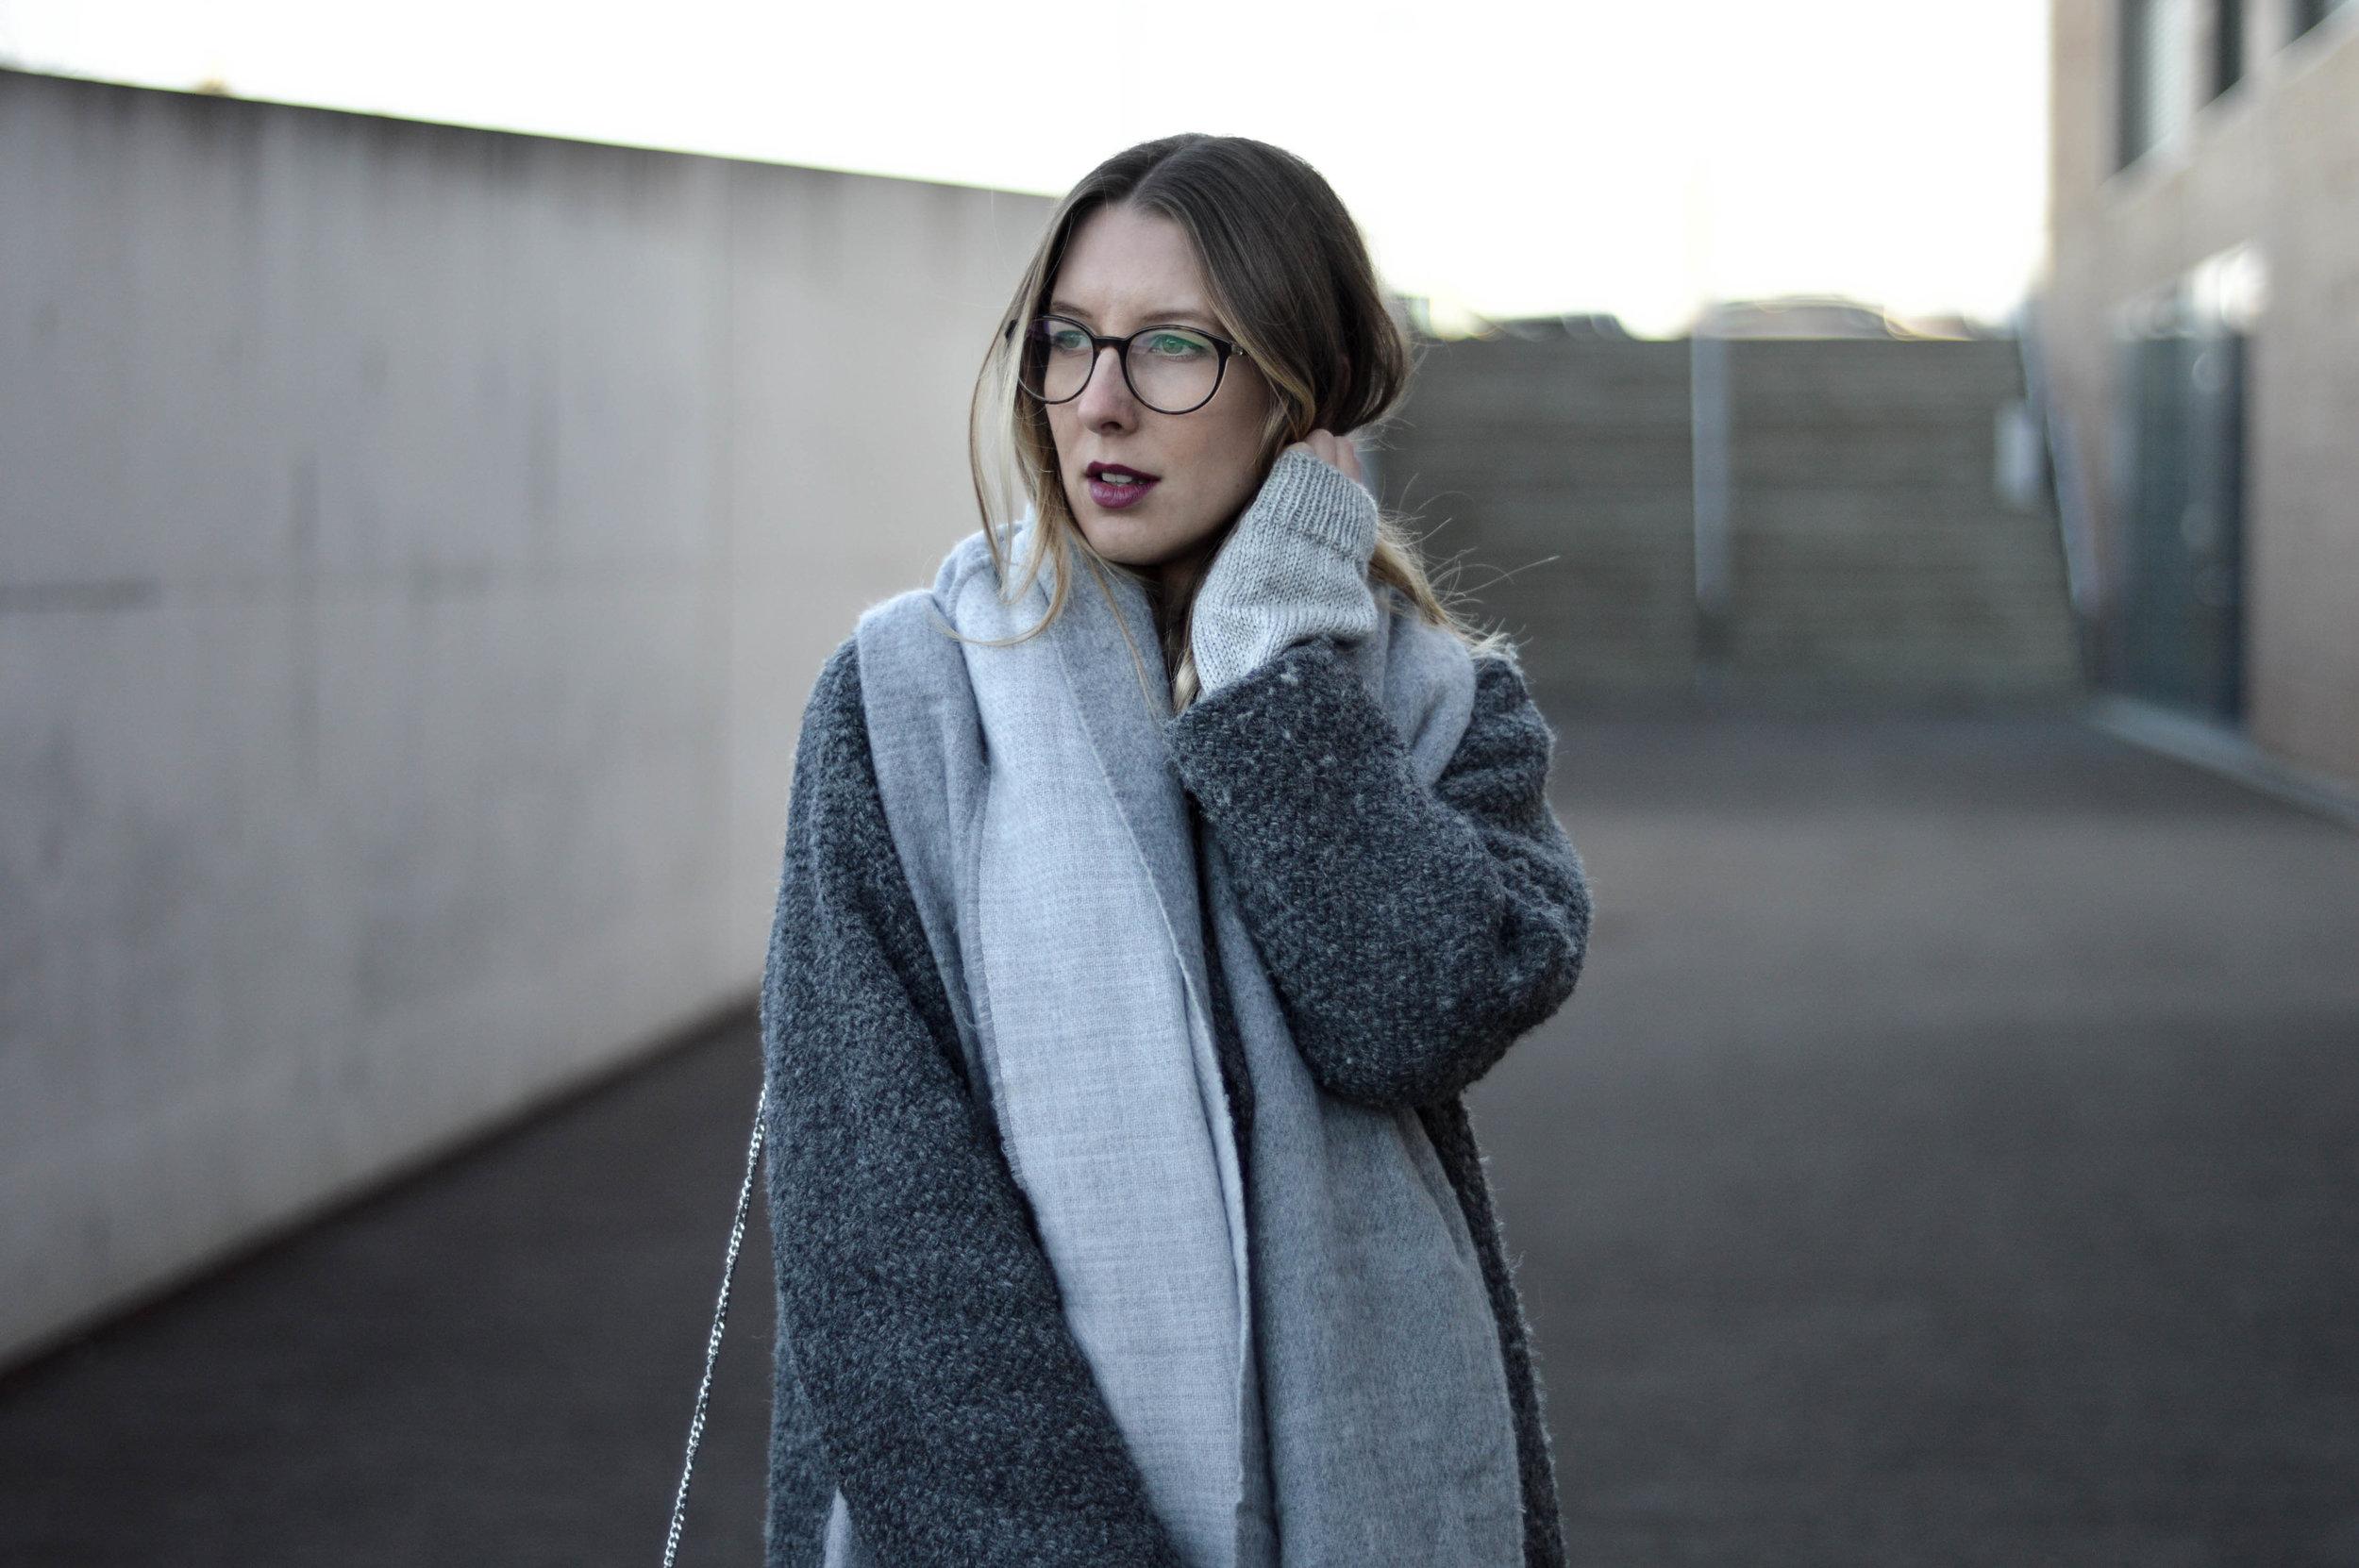 Grey Coat - OSIARAH.COM (8 of 18).jpg